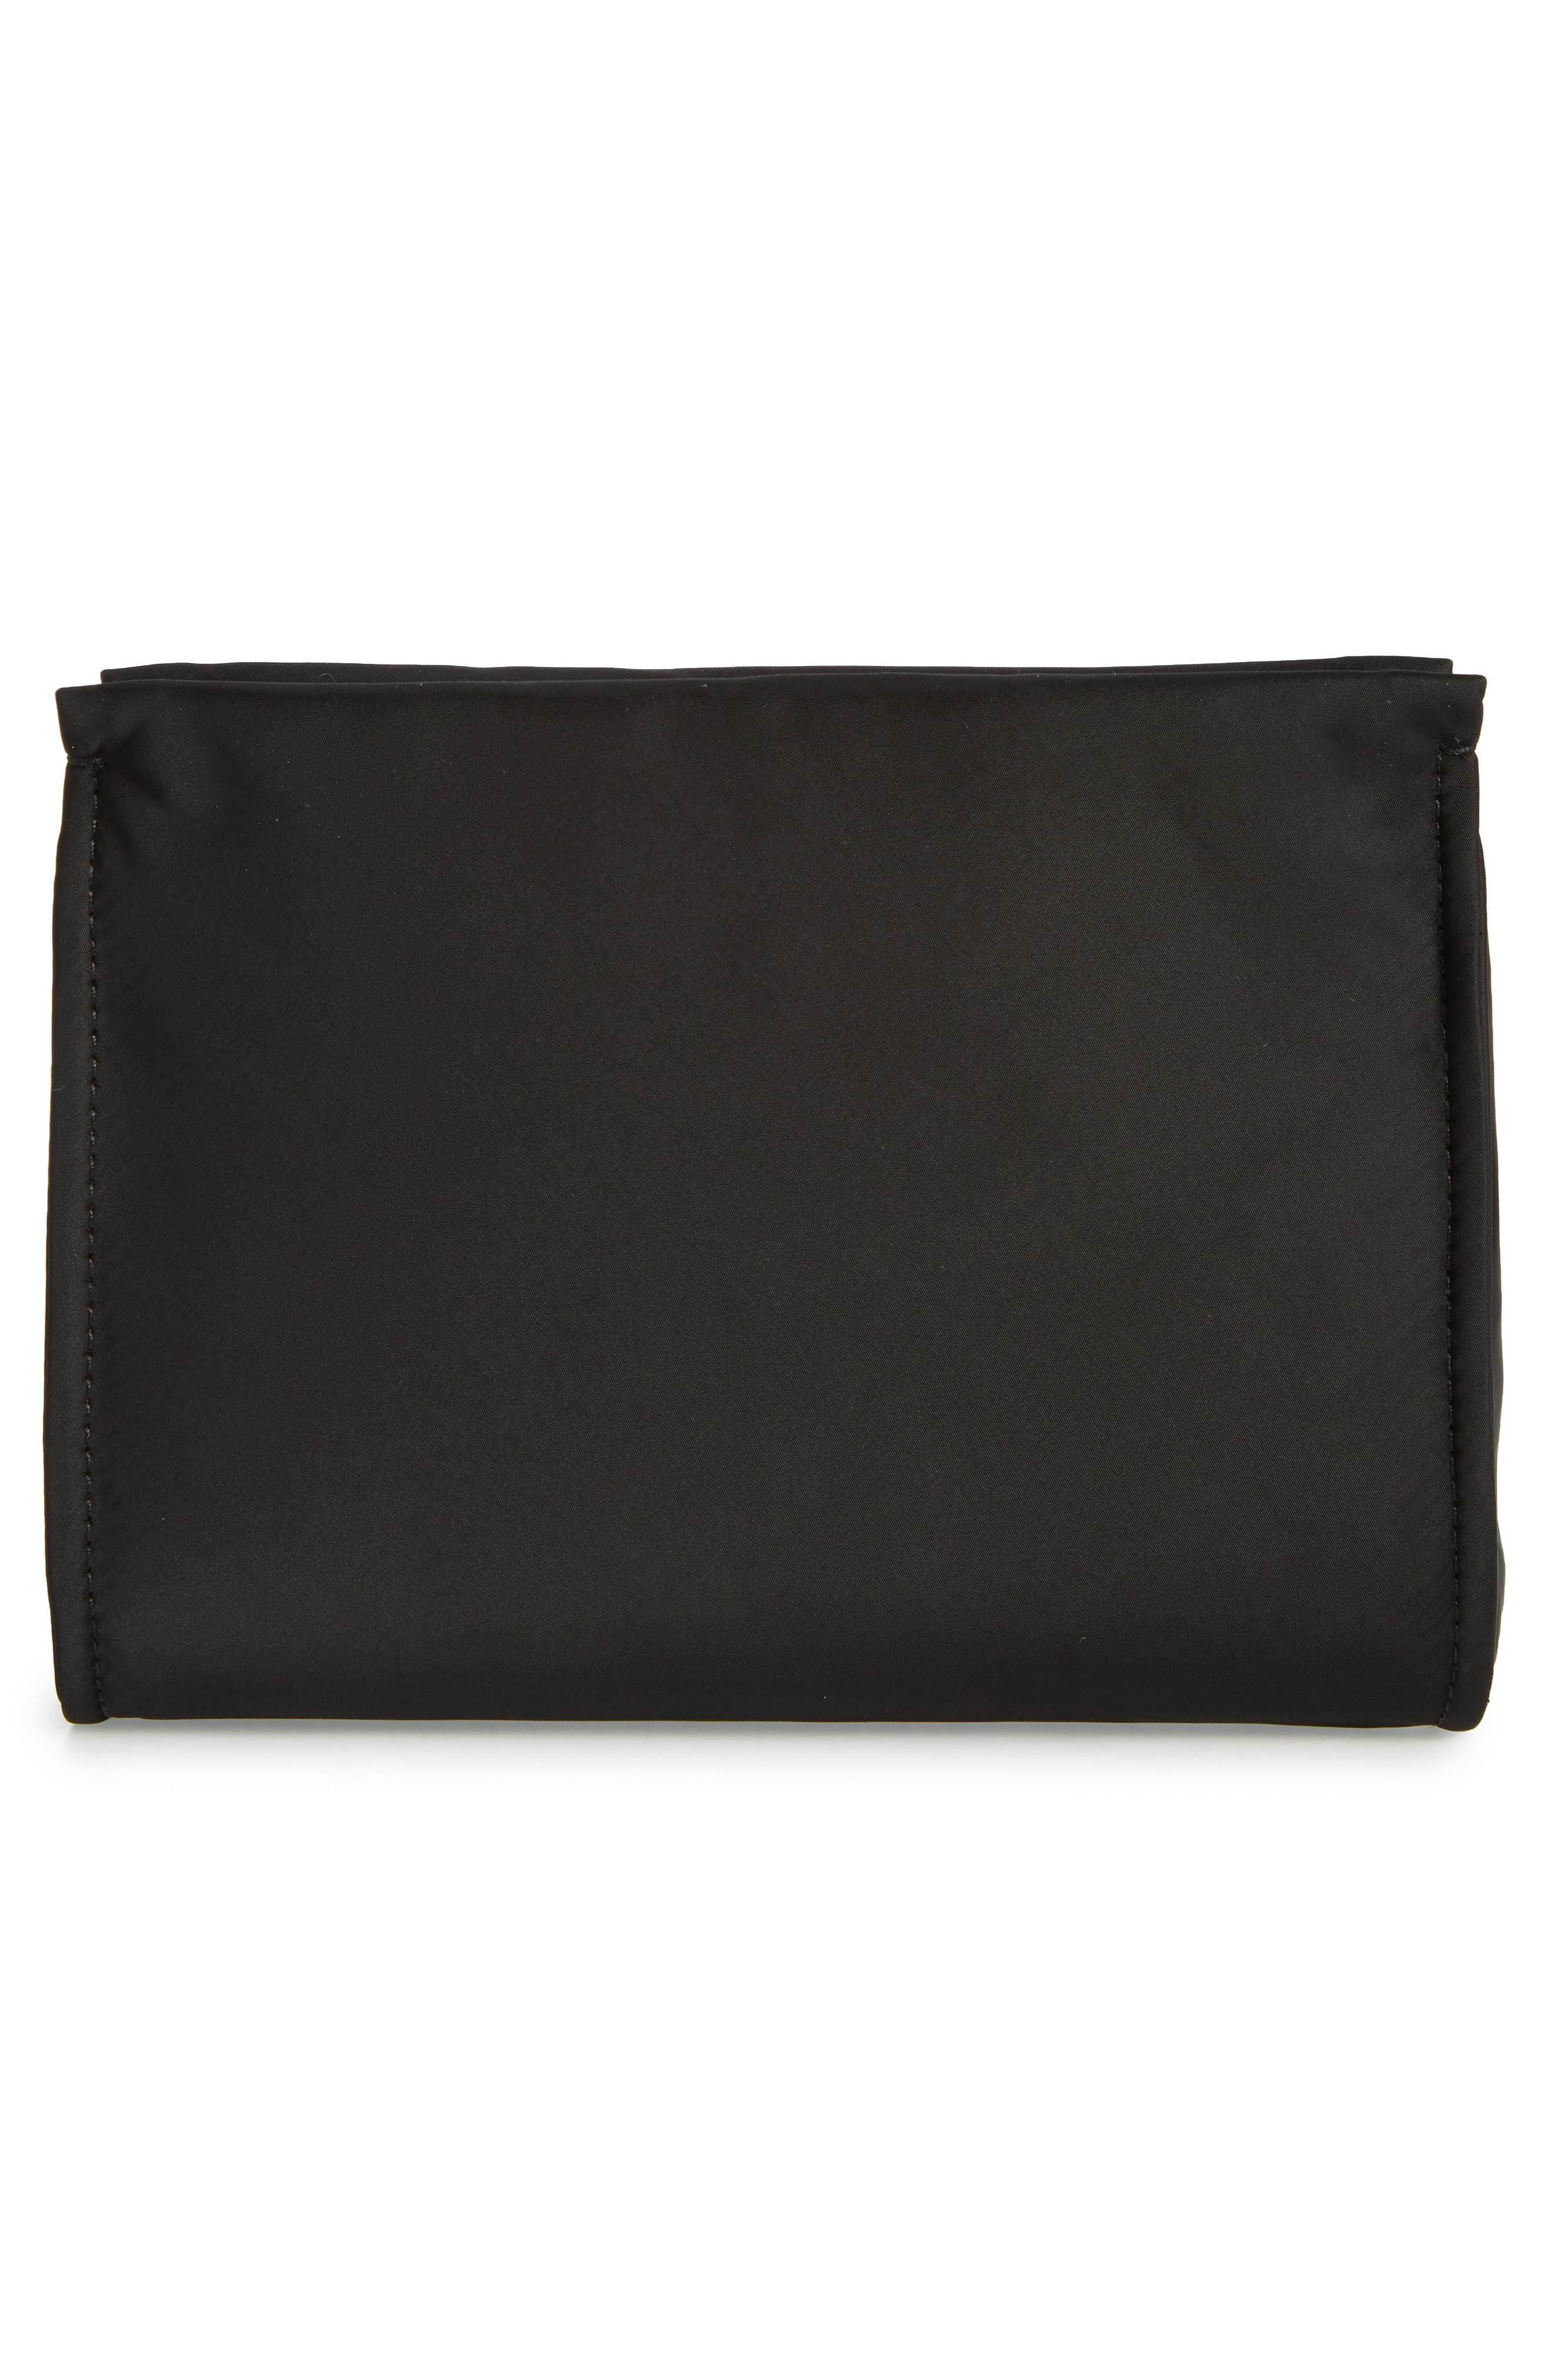 sam nylon cosmetics case,                             Alternate thumbnail 2, color,                             BLACK